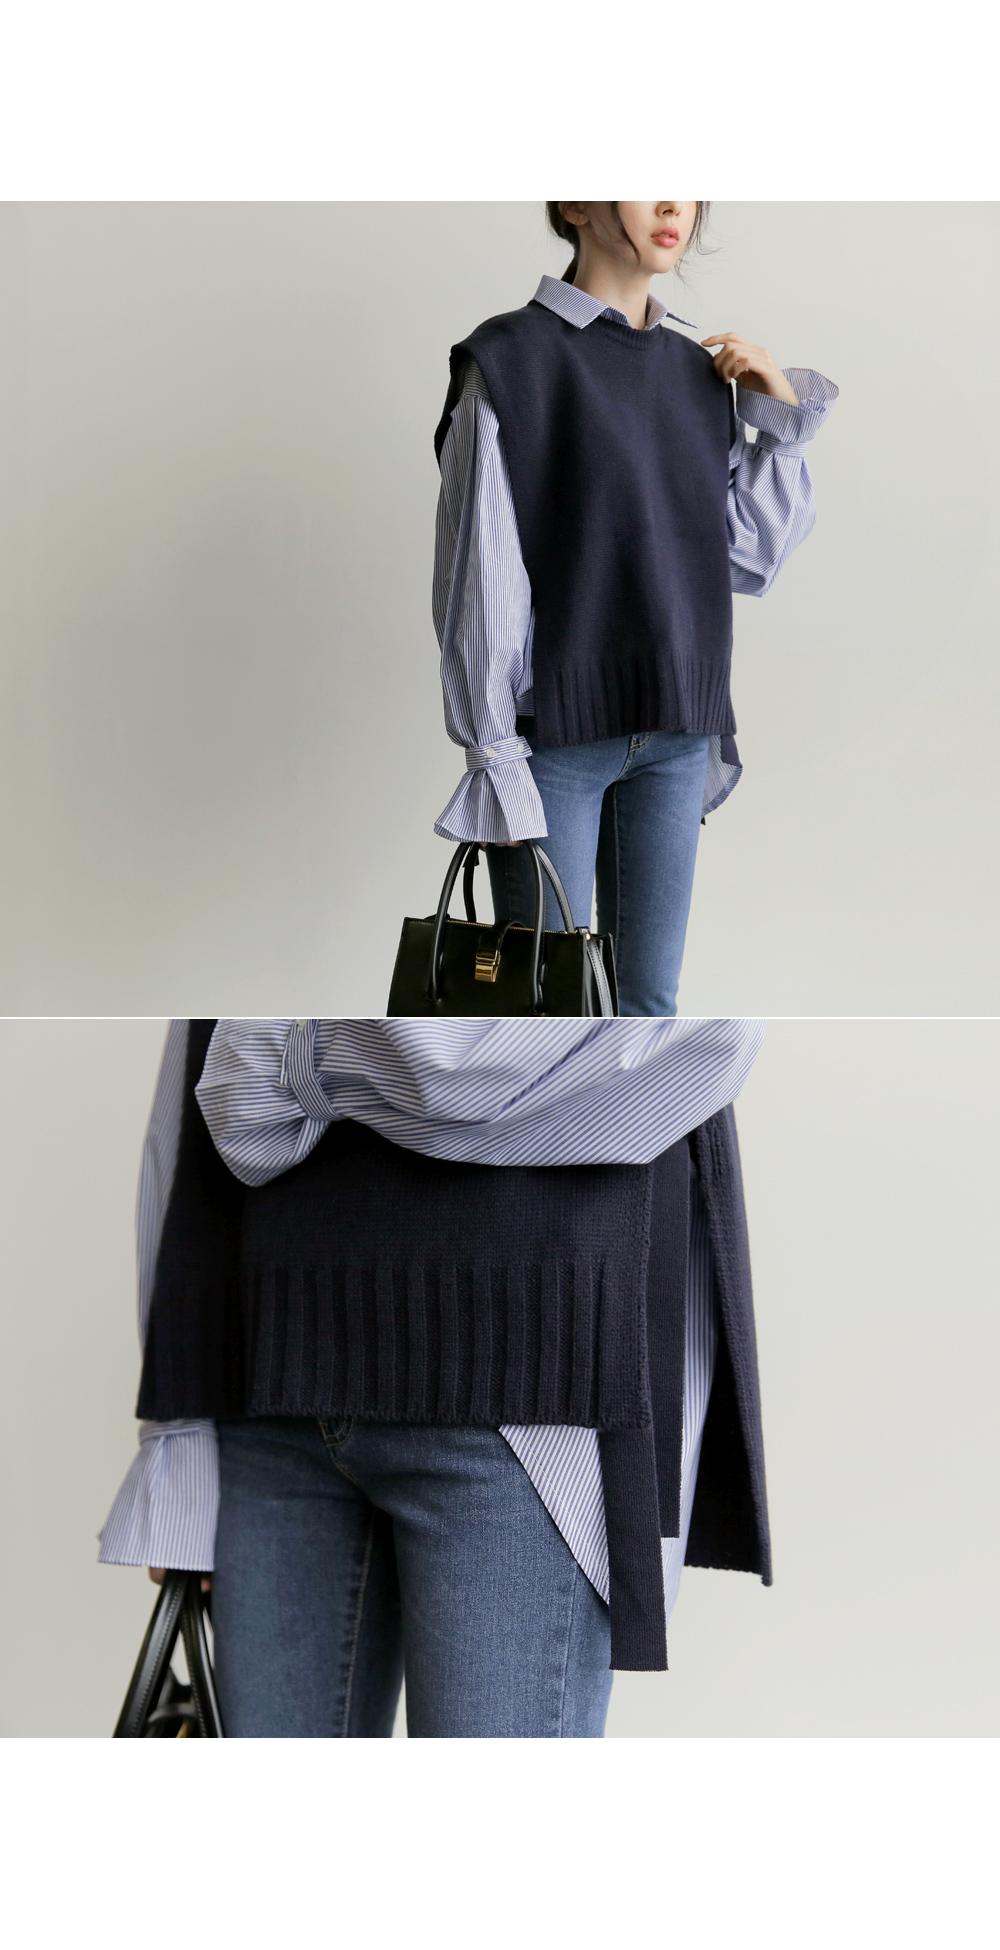 【即納】韓国 ファッション トップス ニット セーター 秋冬春 カジュアル SPTX5258  コーデに可愛げを呼ぶ。リボンディテールのニットベスト オルチャン シンプル 定番 セレカジの写真5枚目